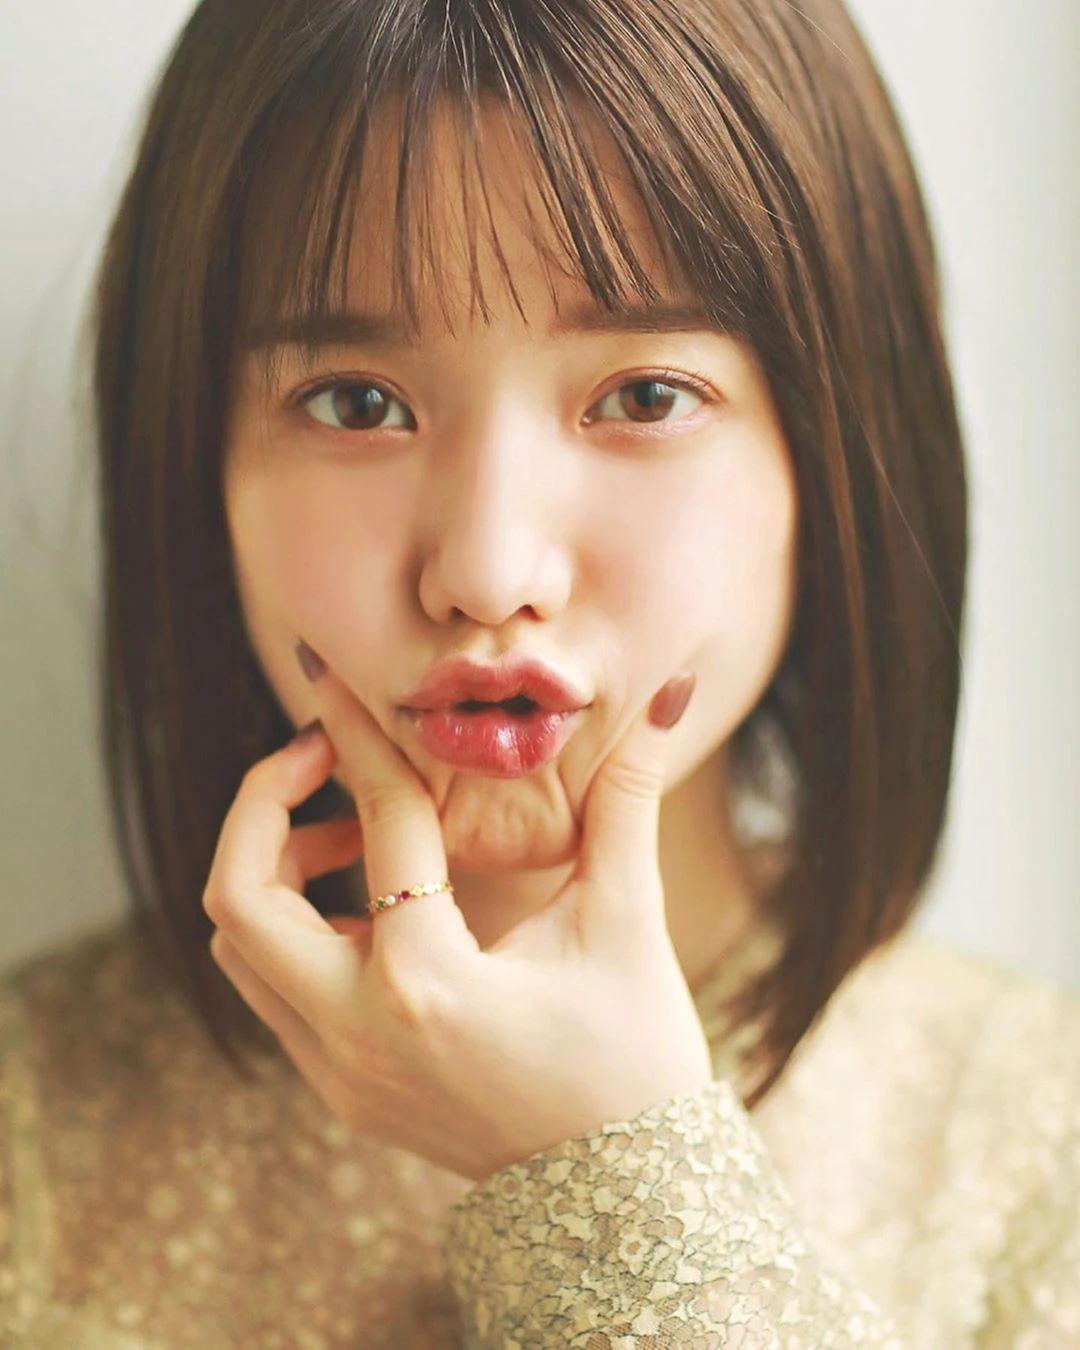 永远一张娃娃脸的棉花糖女孩弘中绫香写真作品 (32)